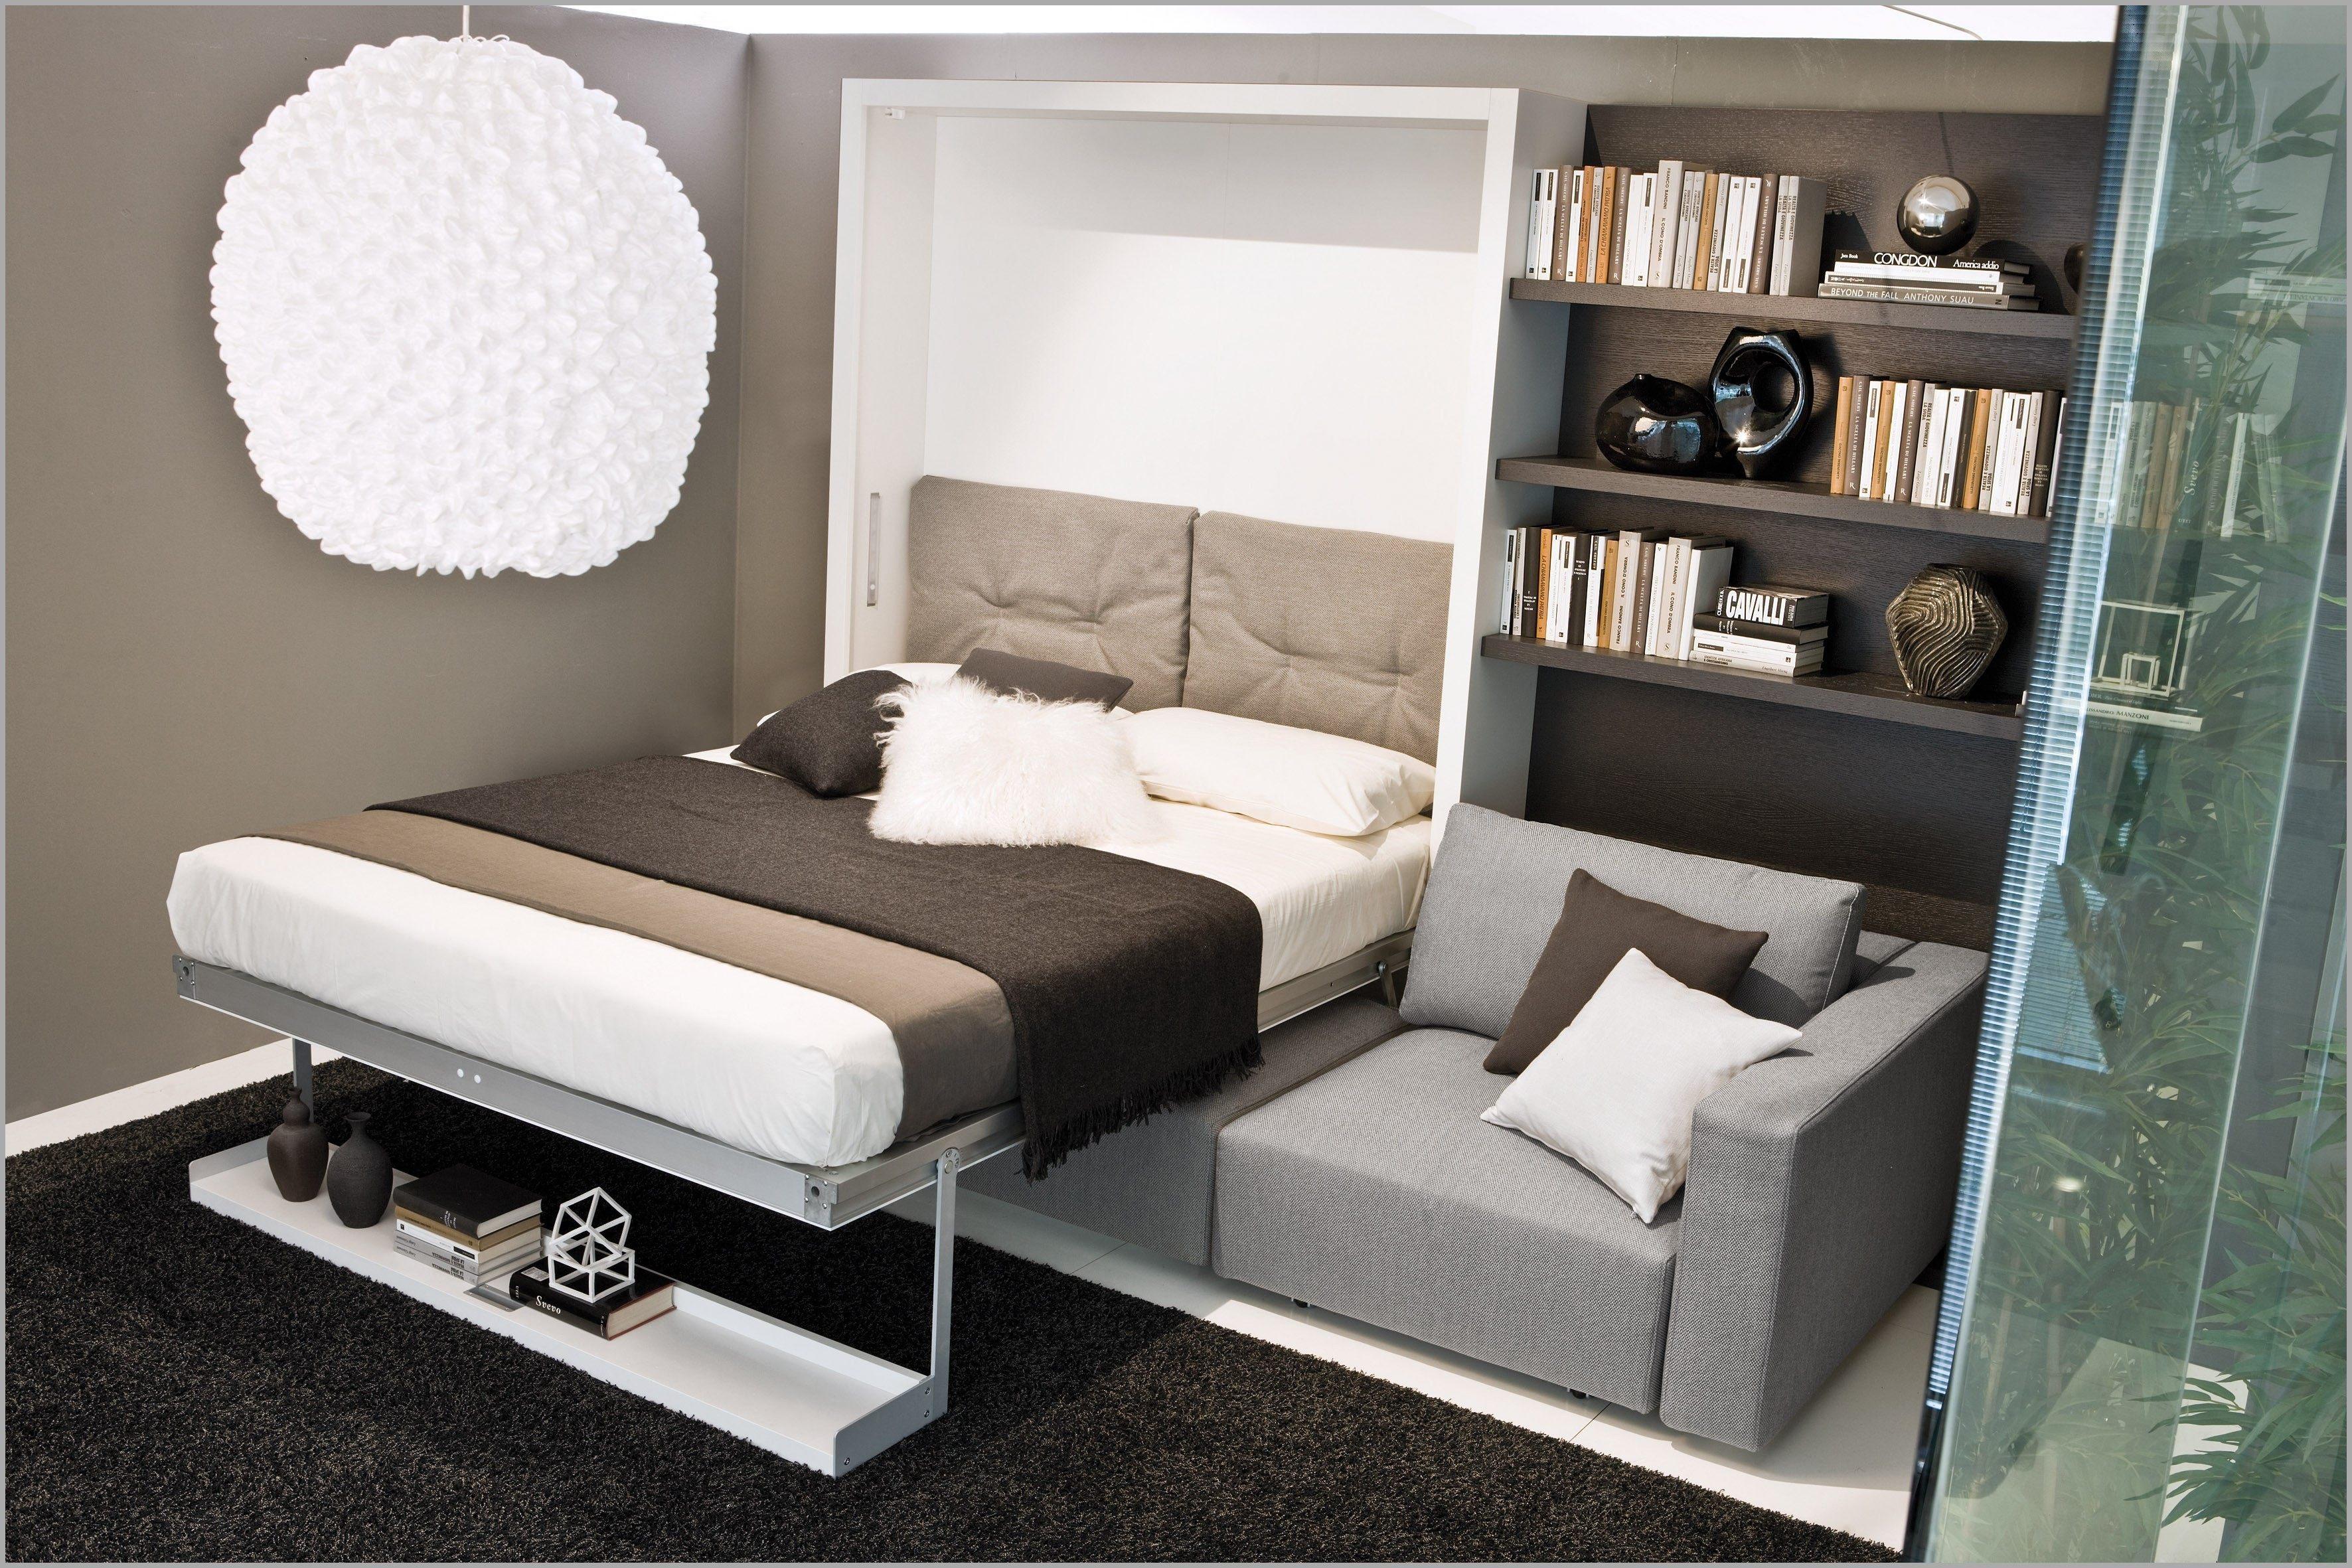 Lit Pliable 2 Places Élégant Lit Pliant 2 Places Ikea Beau Image Matelas Design Excellent Matelas